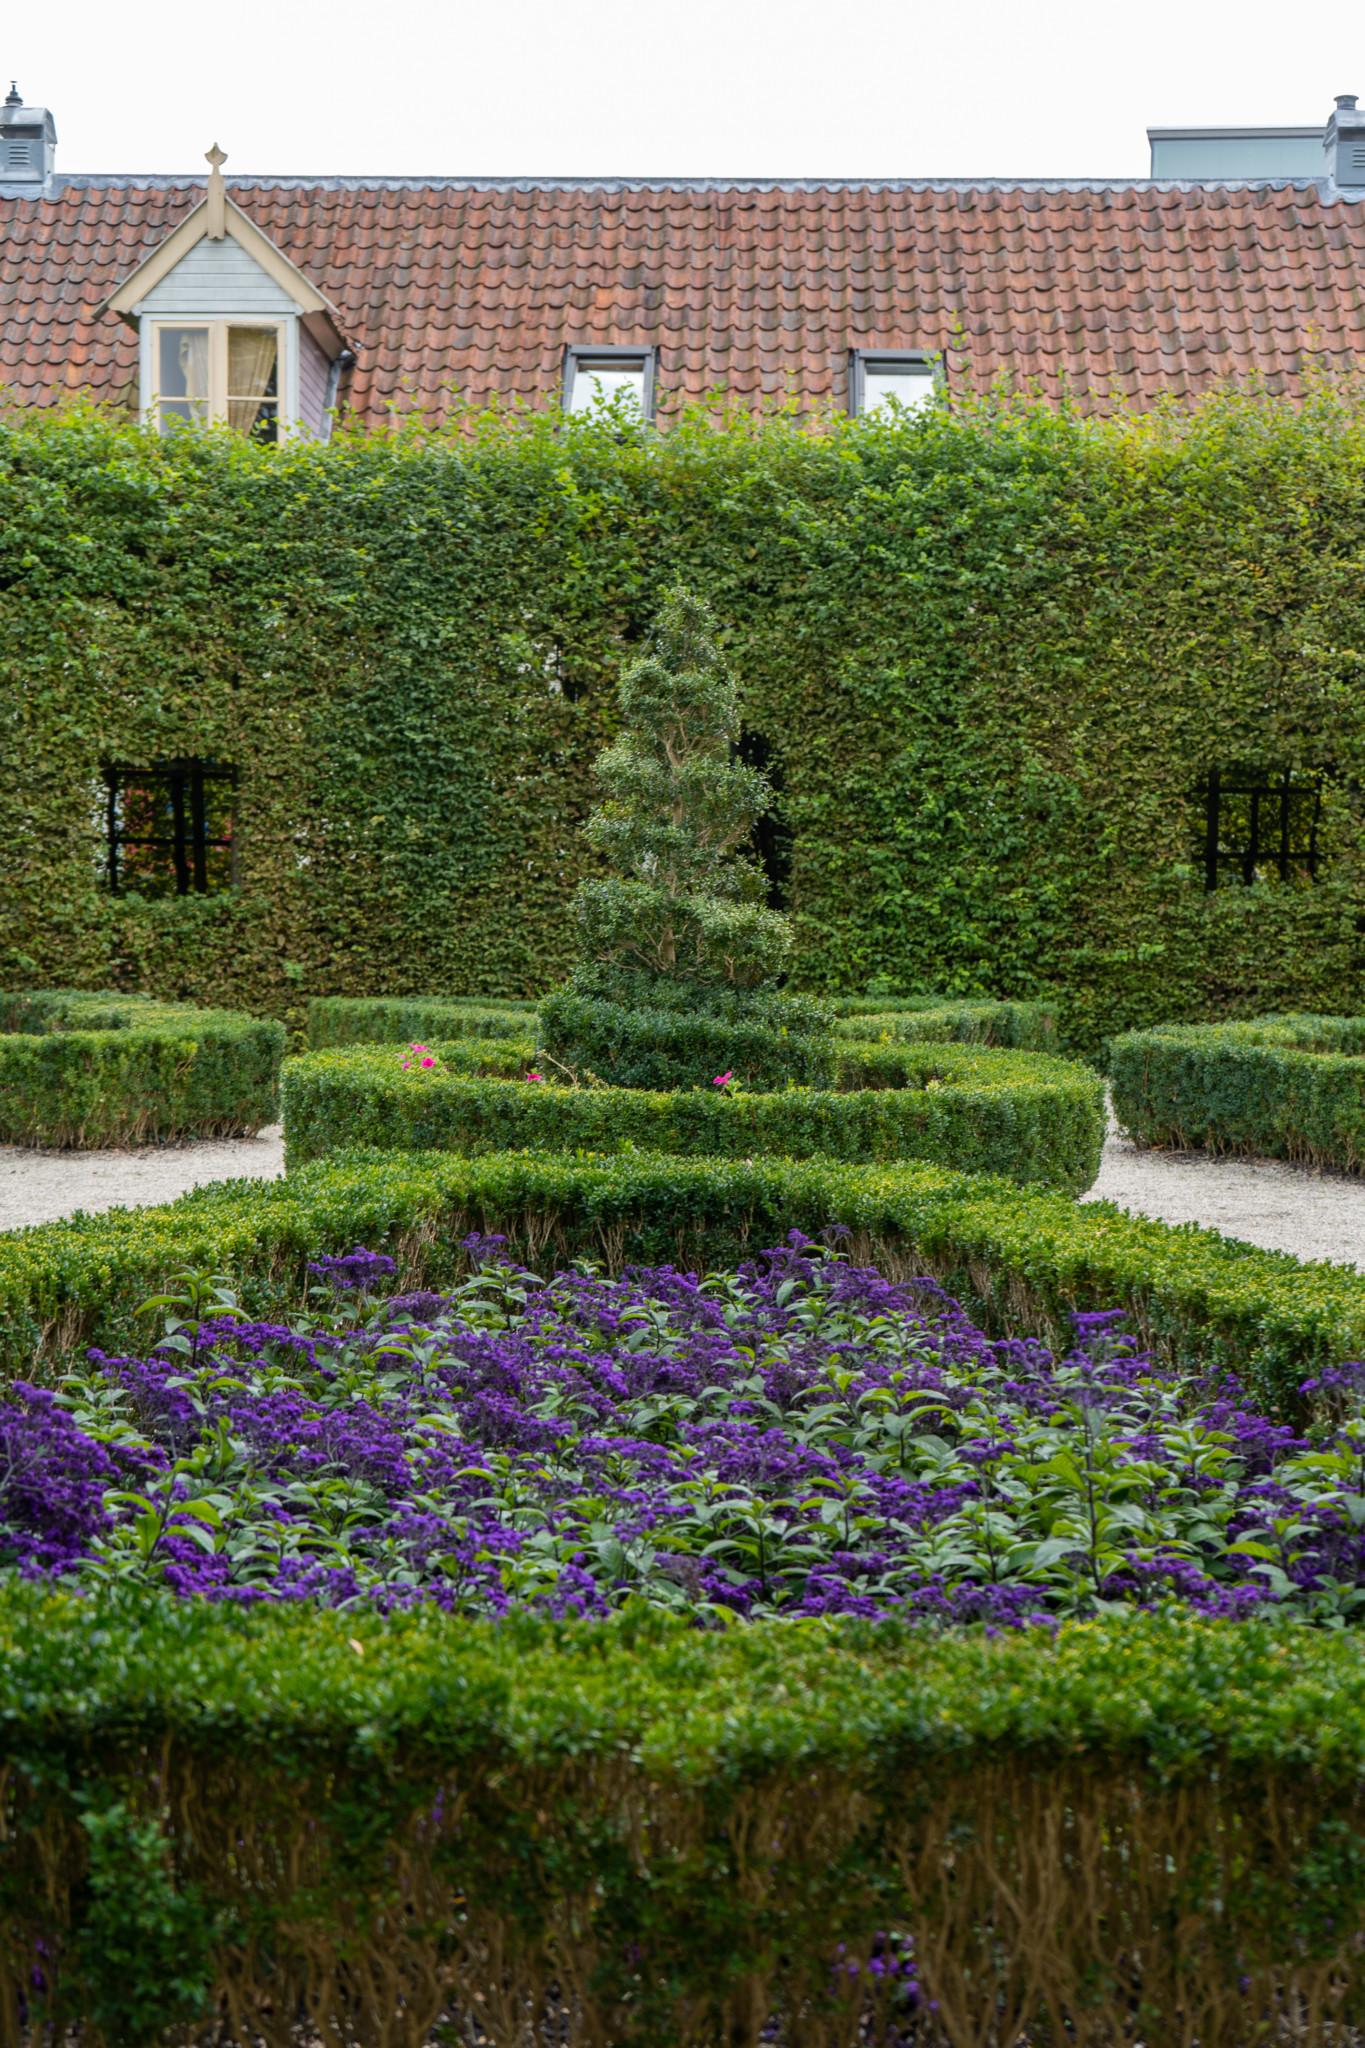 Hübsche Gartenanlage im Prinsenhof in Groningen